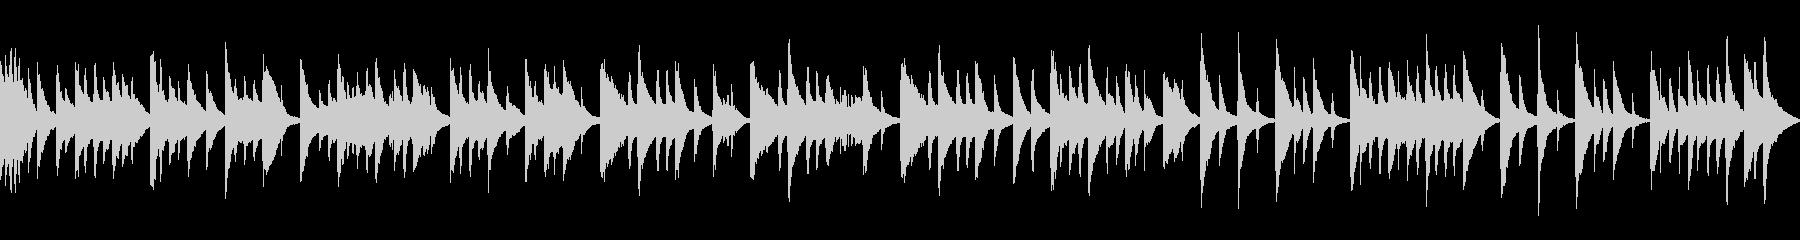 落ち着いた和風な曲 (ループ)の未再生の波形